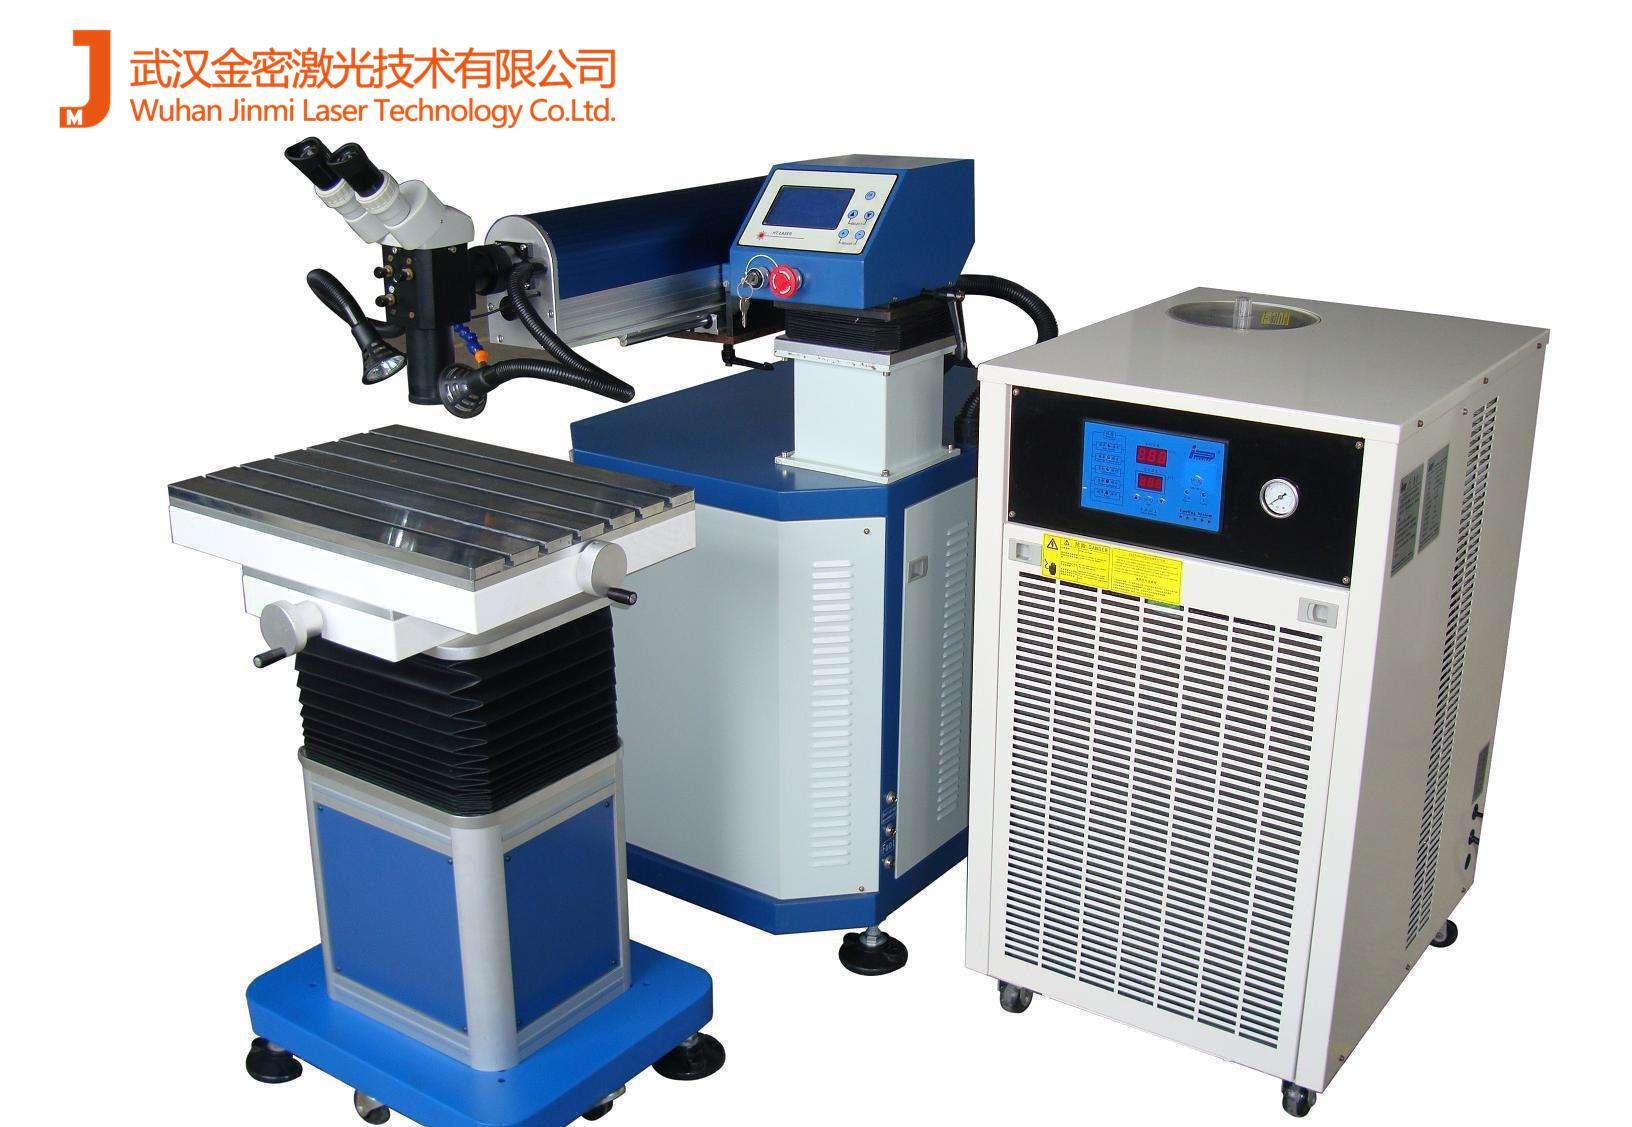 钛合金激光模具修补机 1